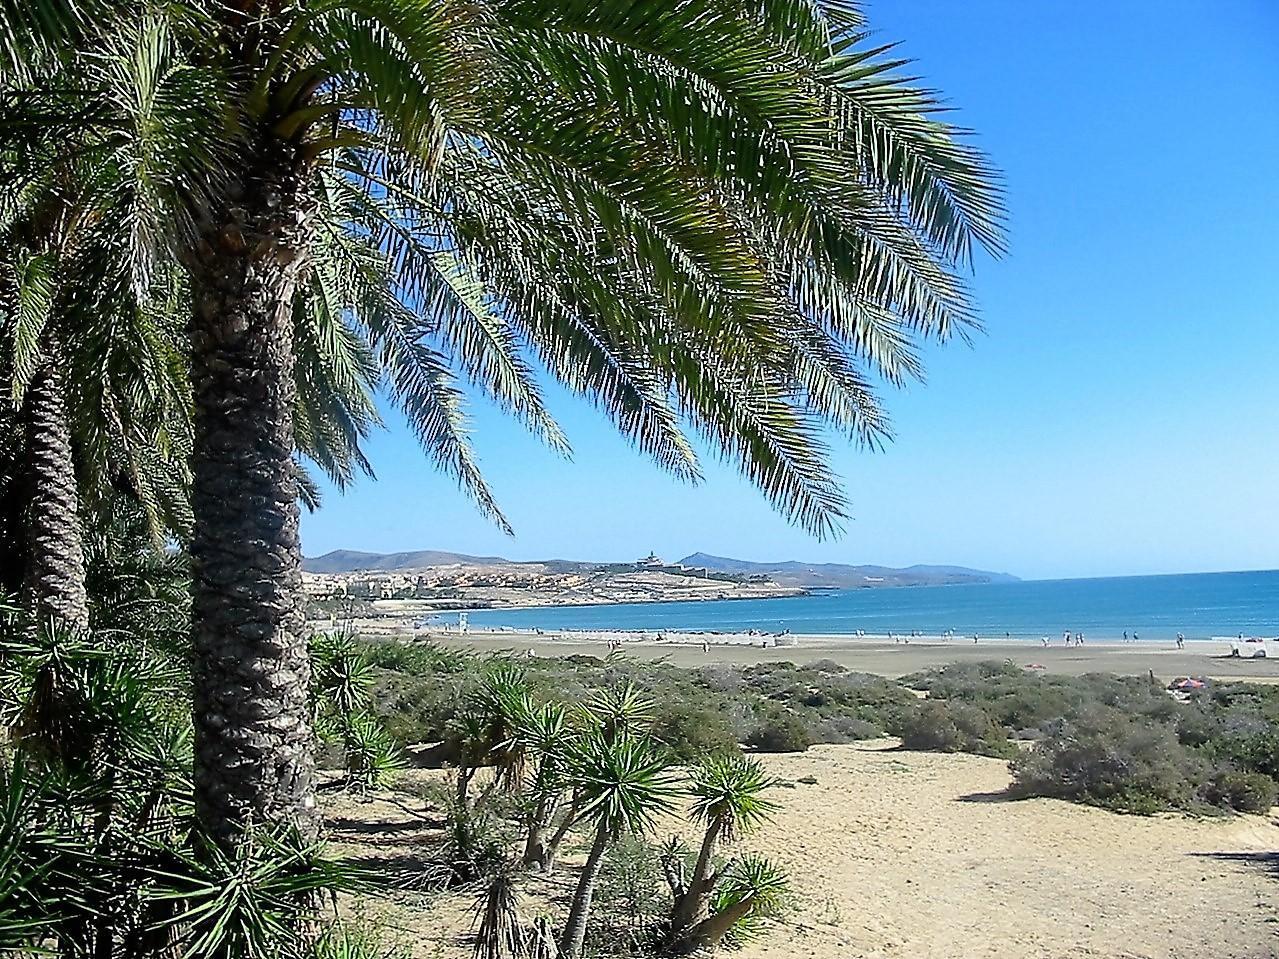 Ferienwohnung Bungalow mit Charme  nahe dem Strand und dem Meer, mit großem Terrasse 25 m. WIFI (497106), Costa Calma, Fuerteventura, Kanarische Inseln, Spanien, Bild 1